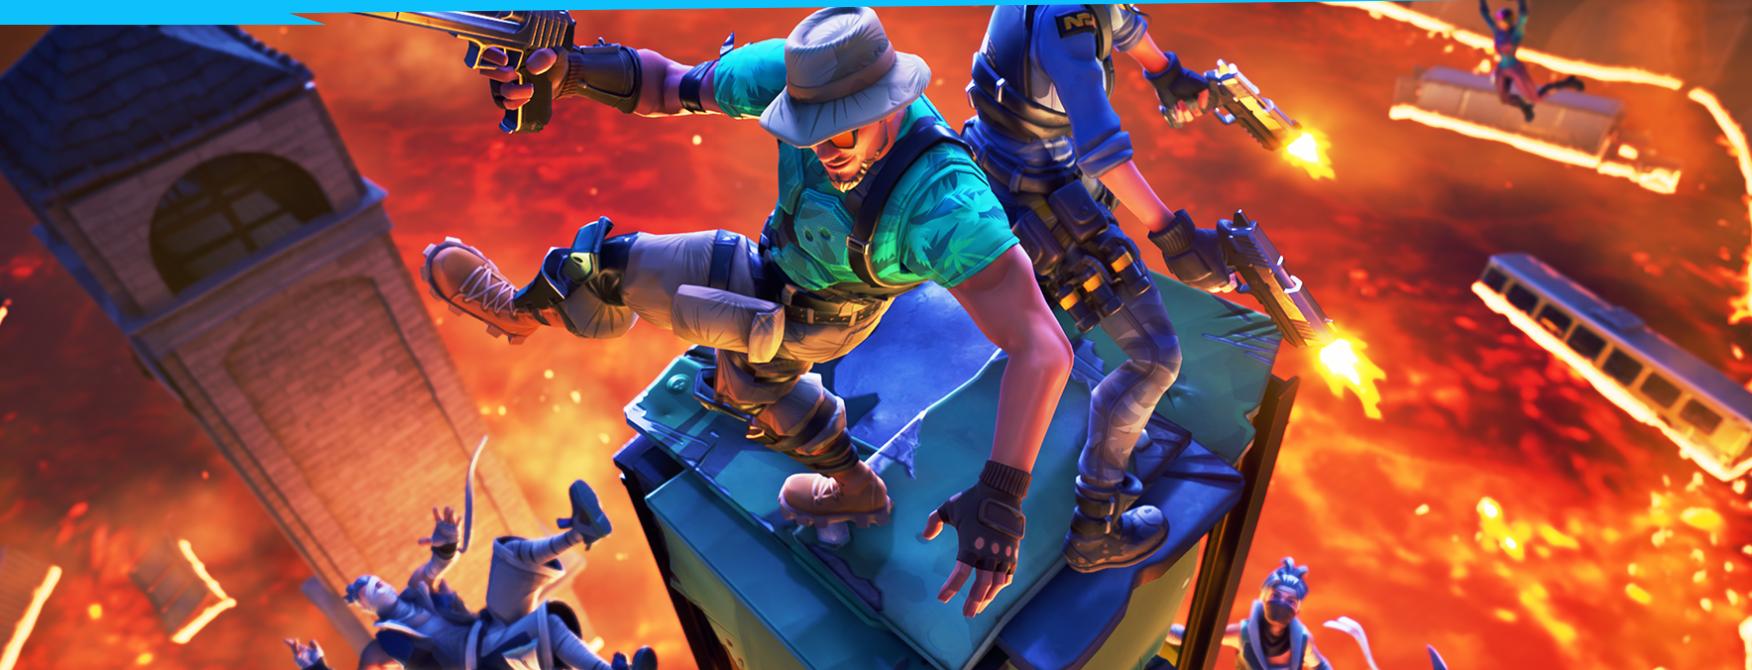 Epic Games | Fortnite Patch 8.20 inclui novo modo de tempo limitado, que envolve os jogadores e mais!